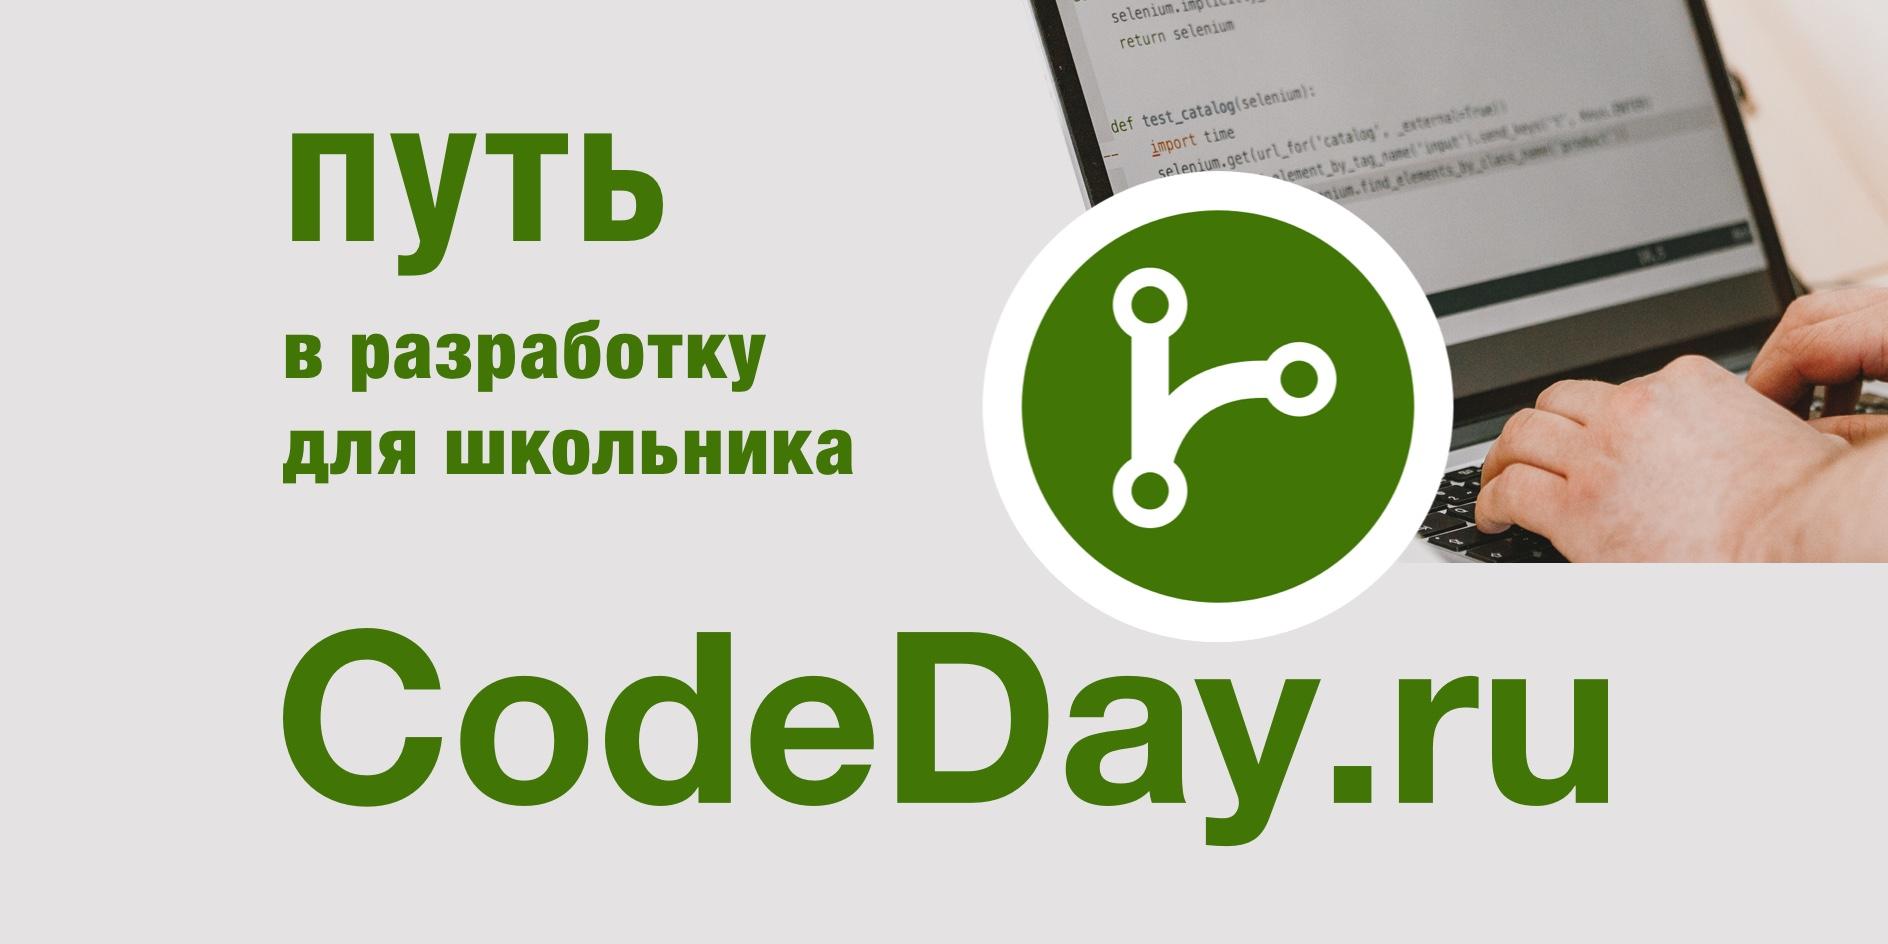 Обложка проекта Codeday